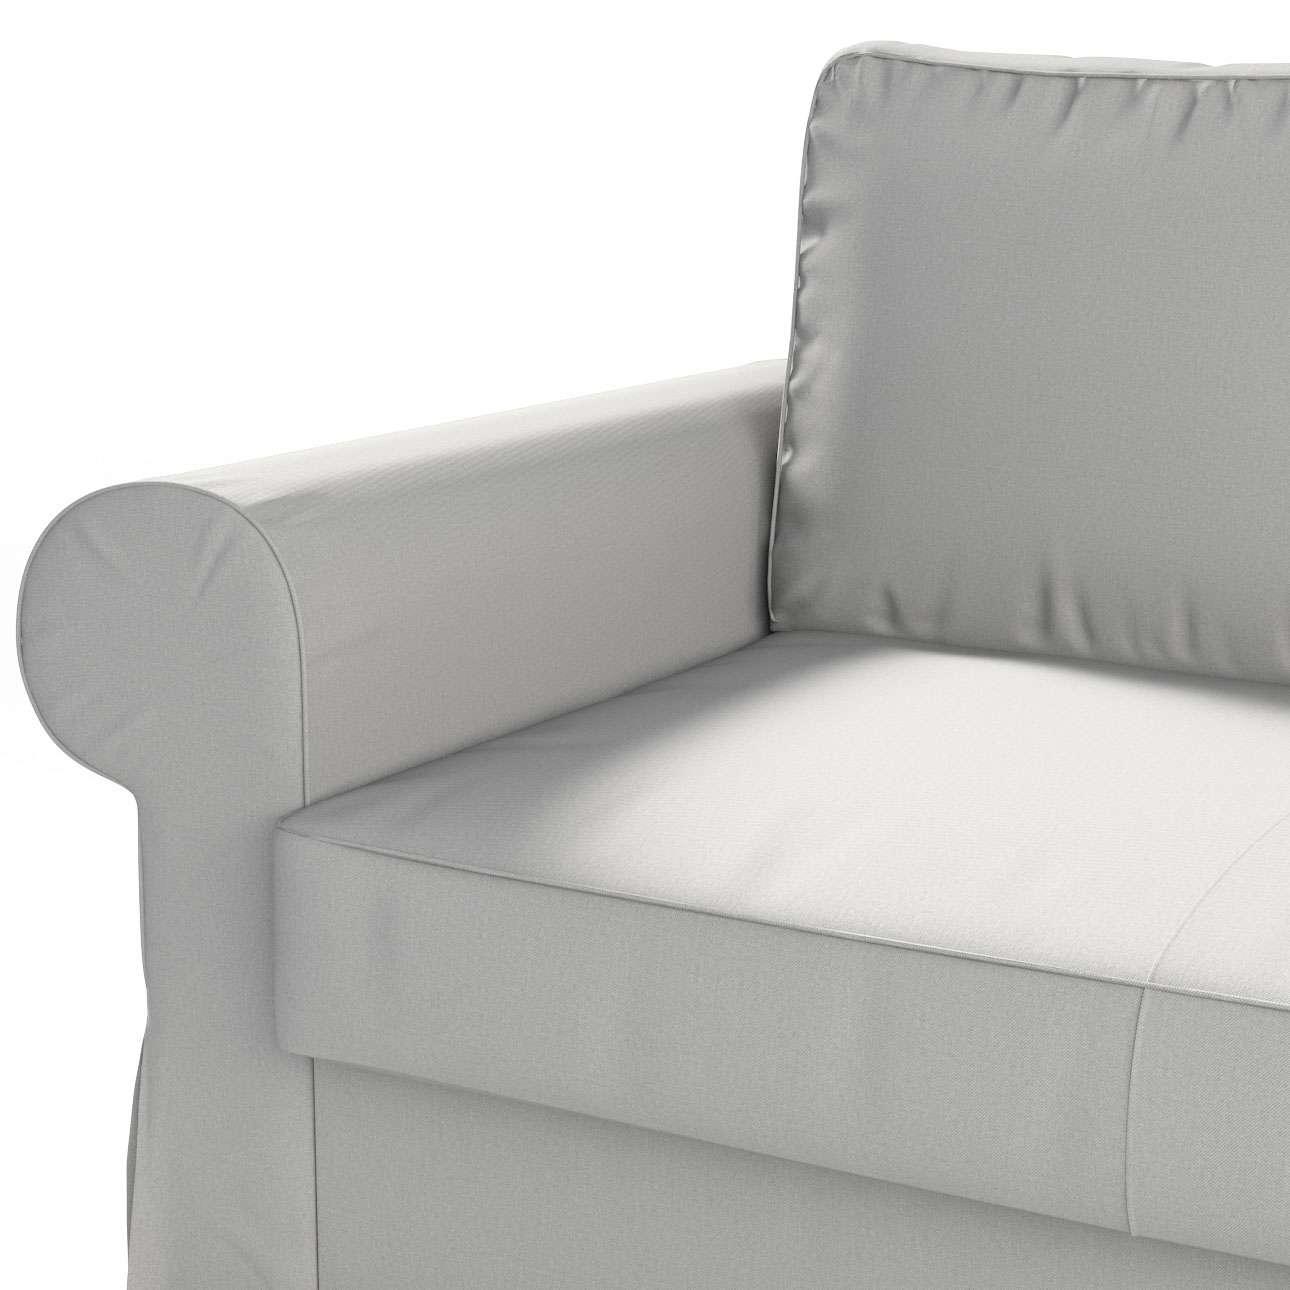 Bezug für Backabro 2-Sitzer Sofa ausklappbar von der Kollektion Etna, Stoff: 705-90